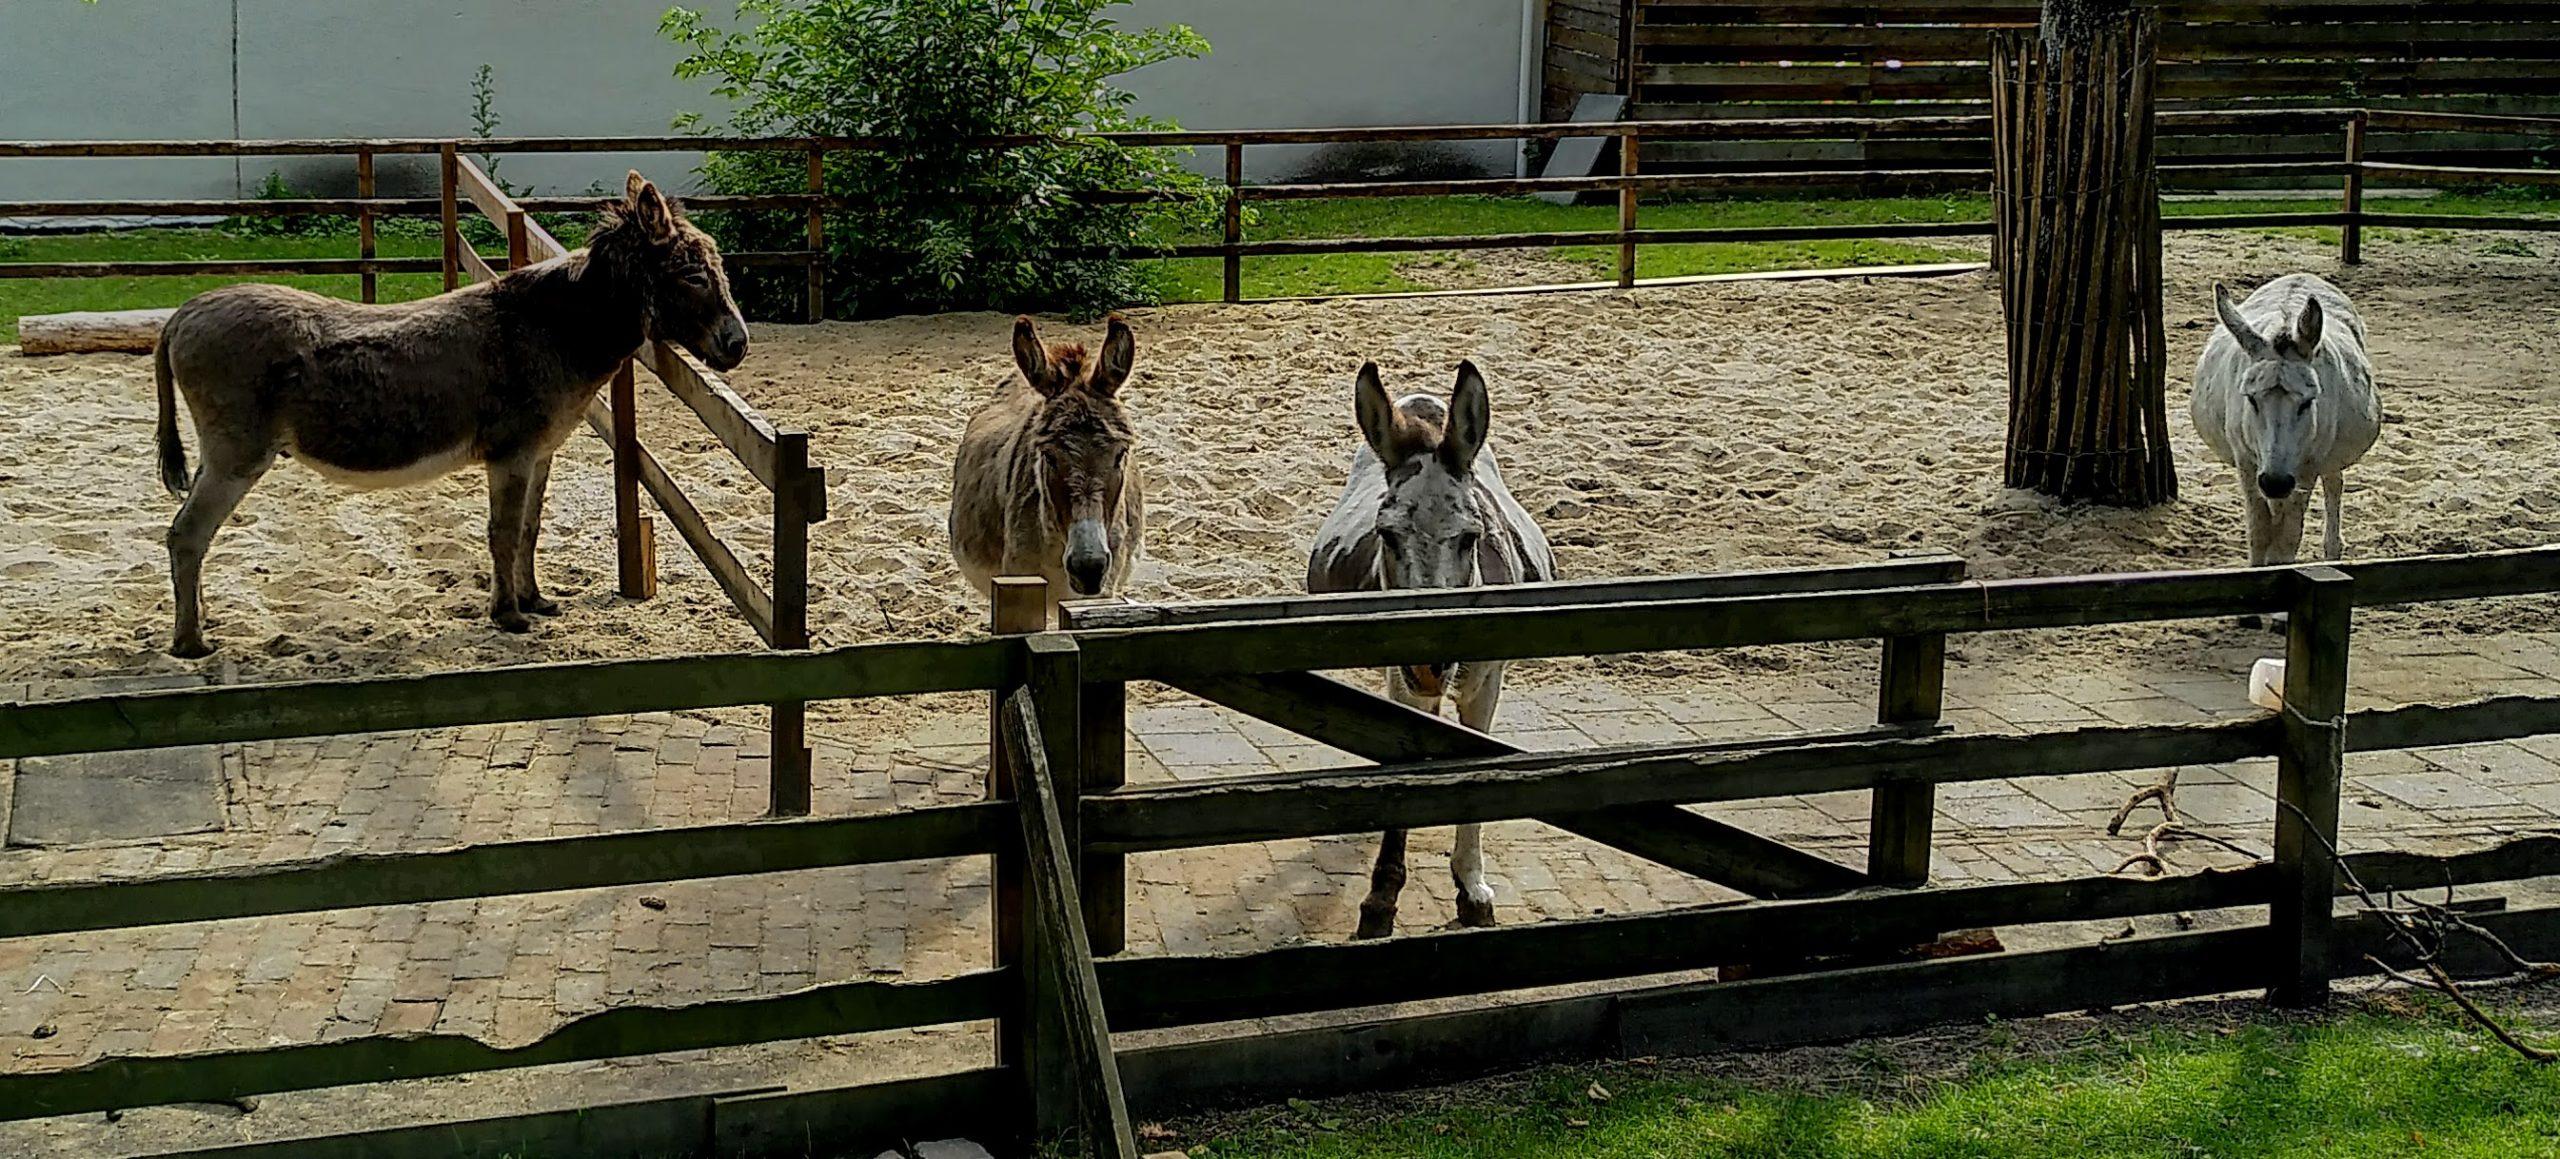 Ezels achter het hek